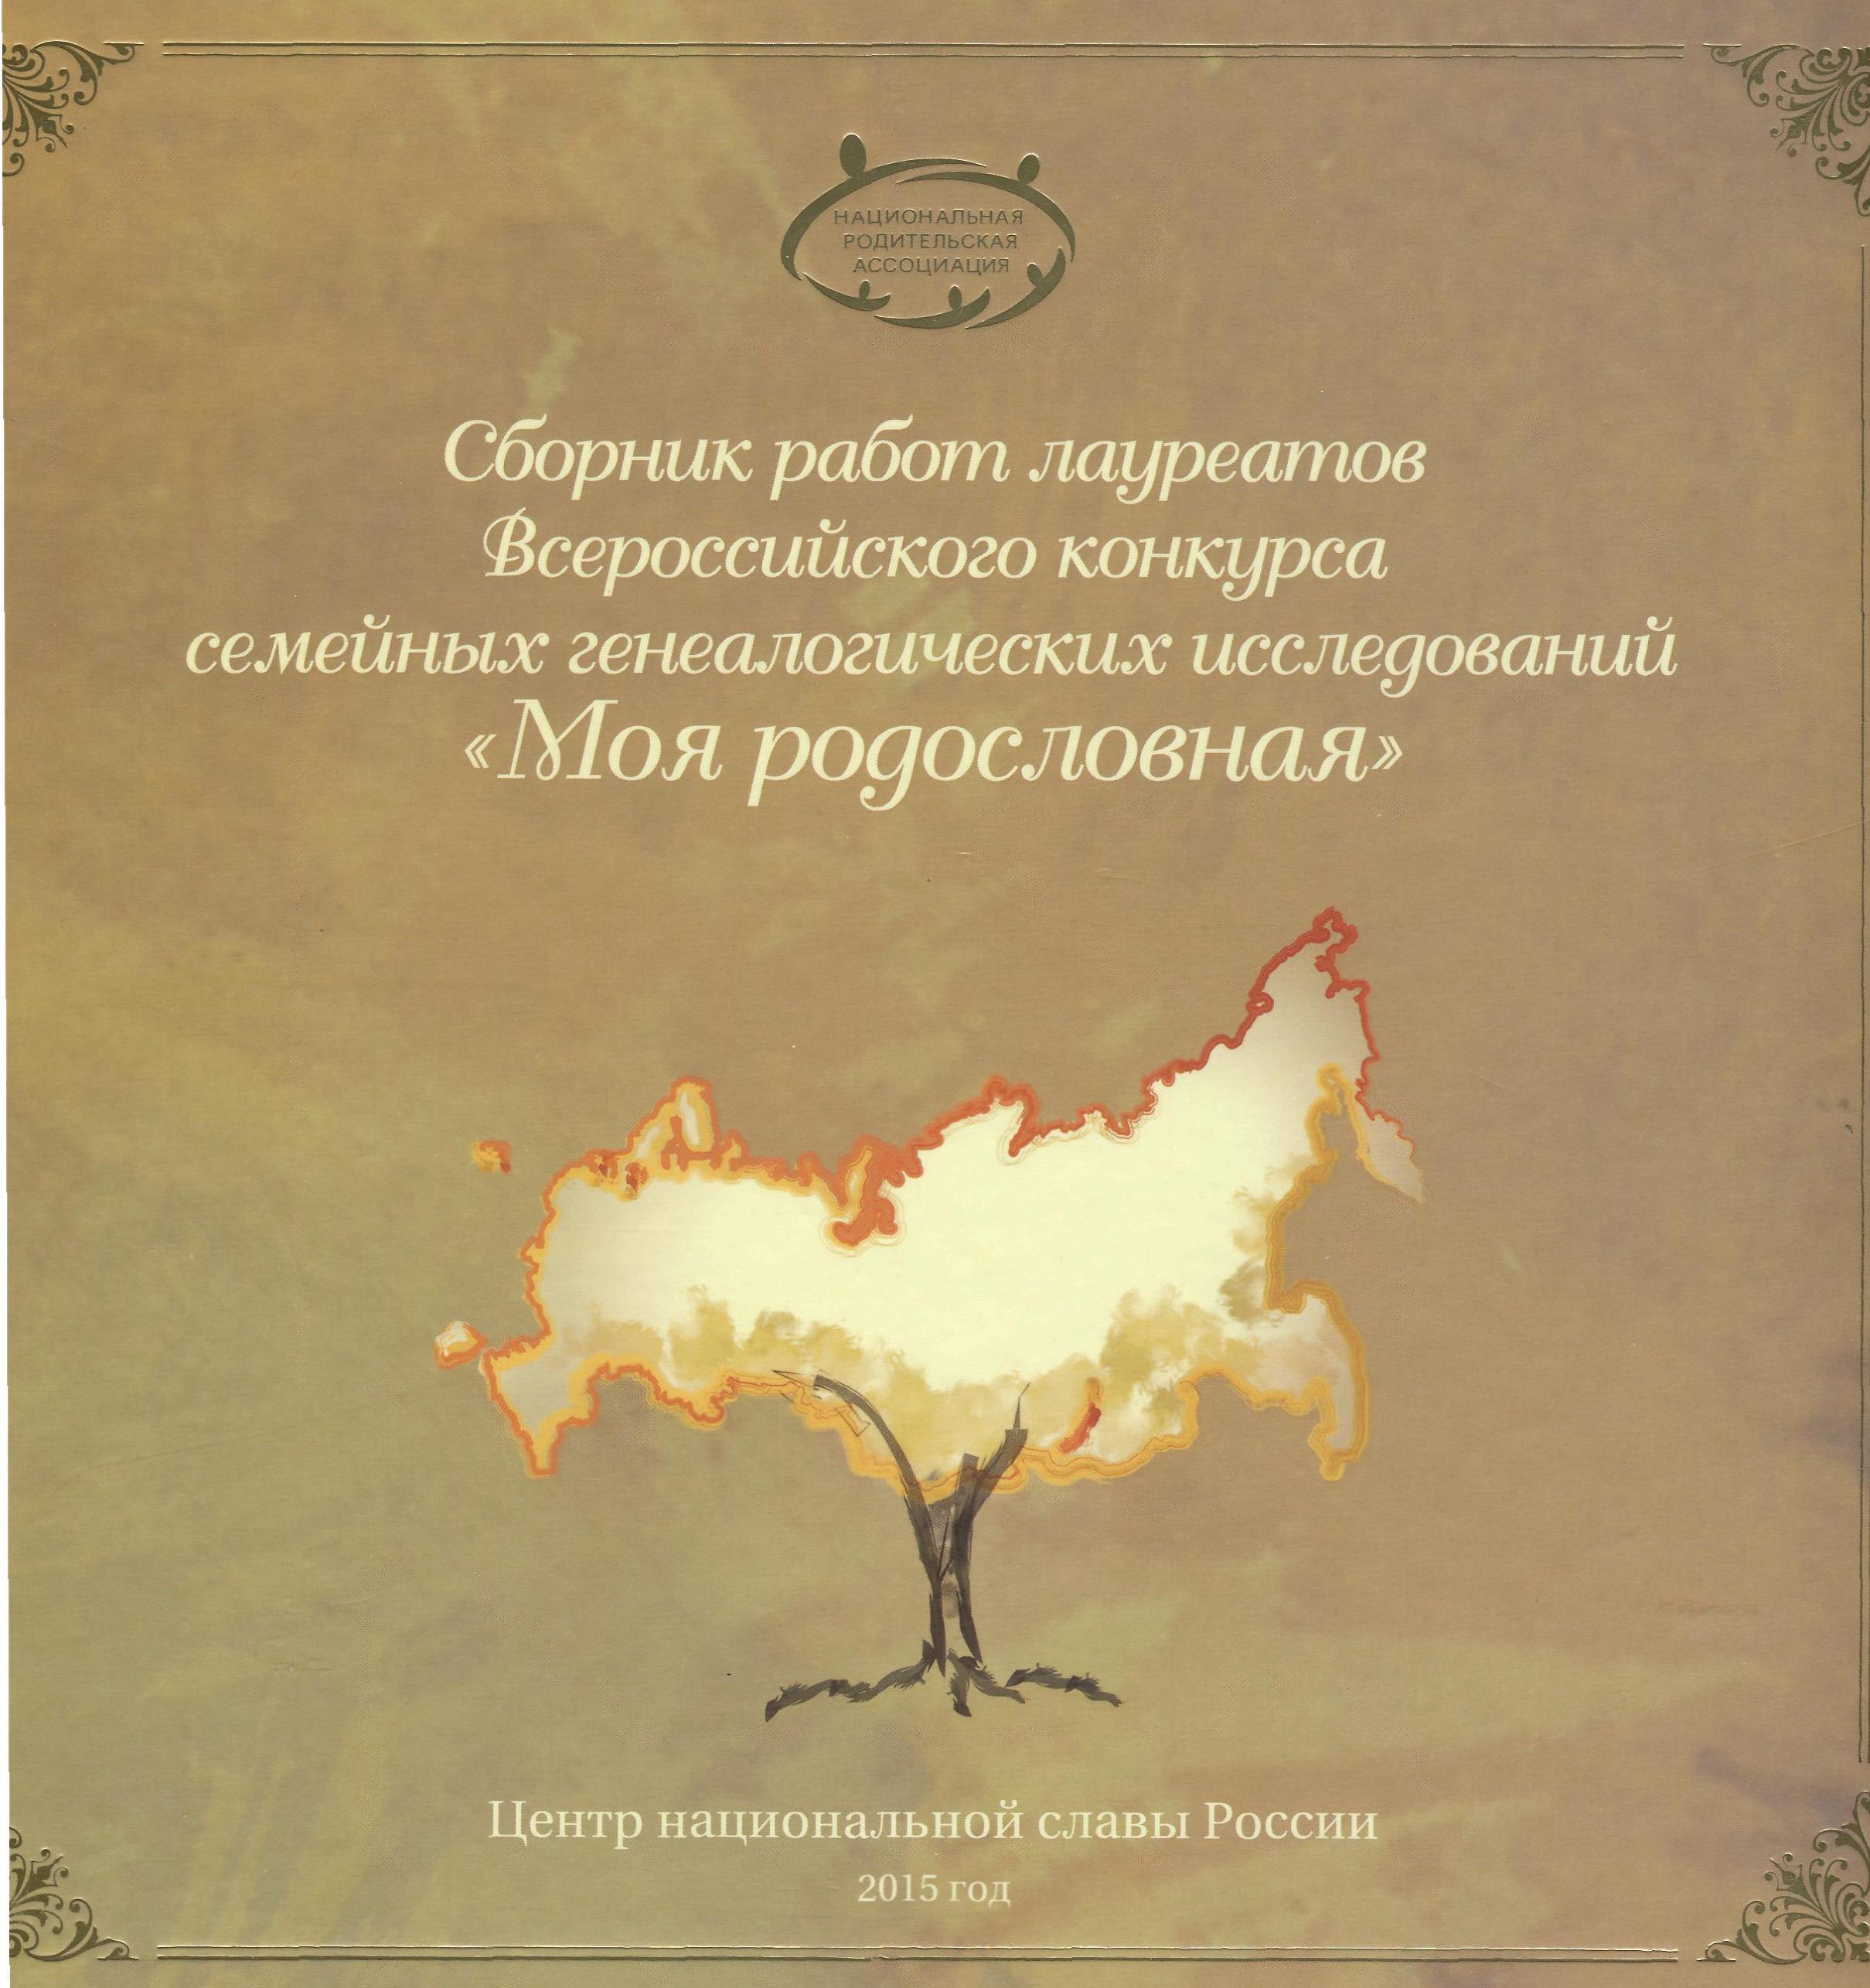 Итоги всероссийского генеалогического конкурса моя родословная